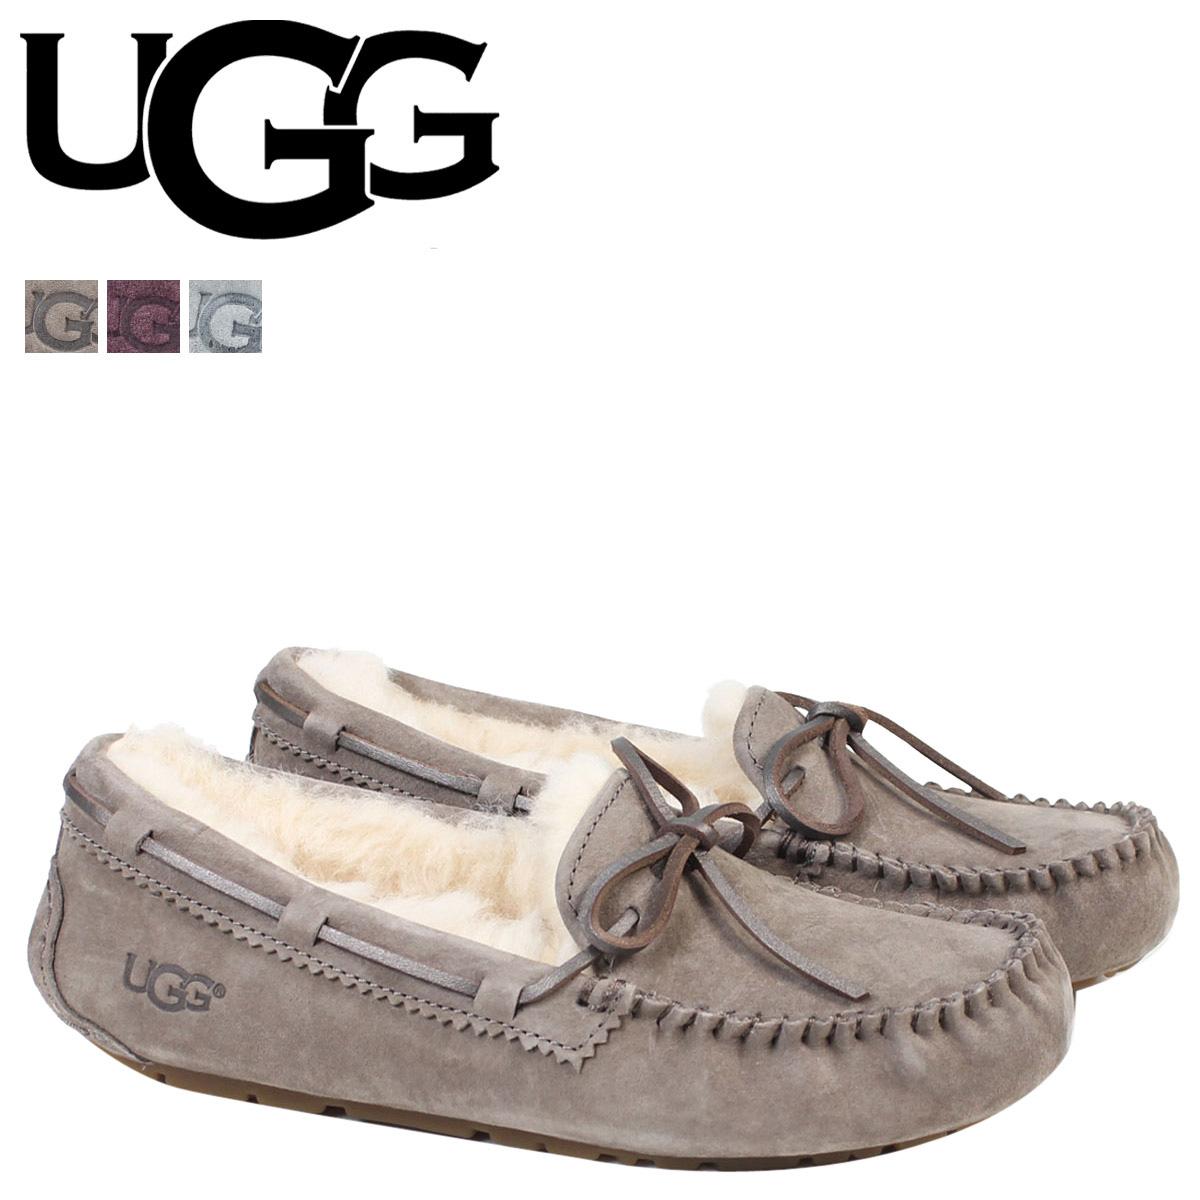 アンスレー ペンドルトン UGG Women Ansley Pendleton Slippers Chestnut モカシン アグ UGG レディース 【コンビニ受取対応商品】